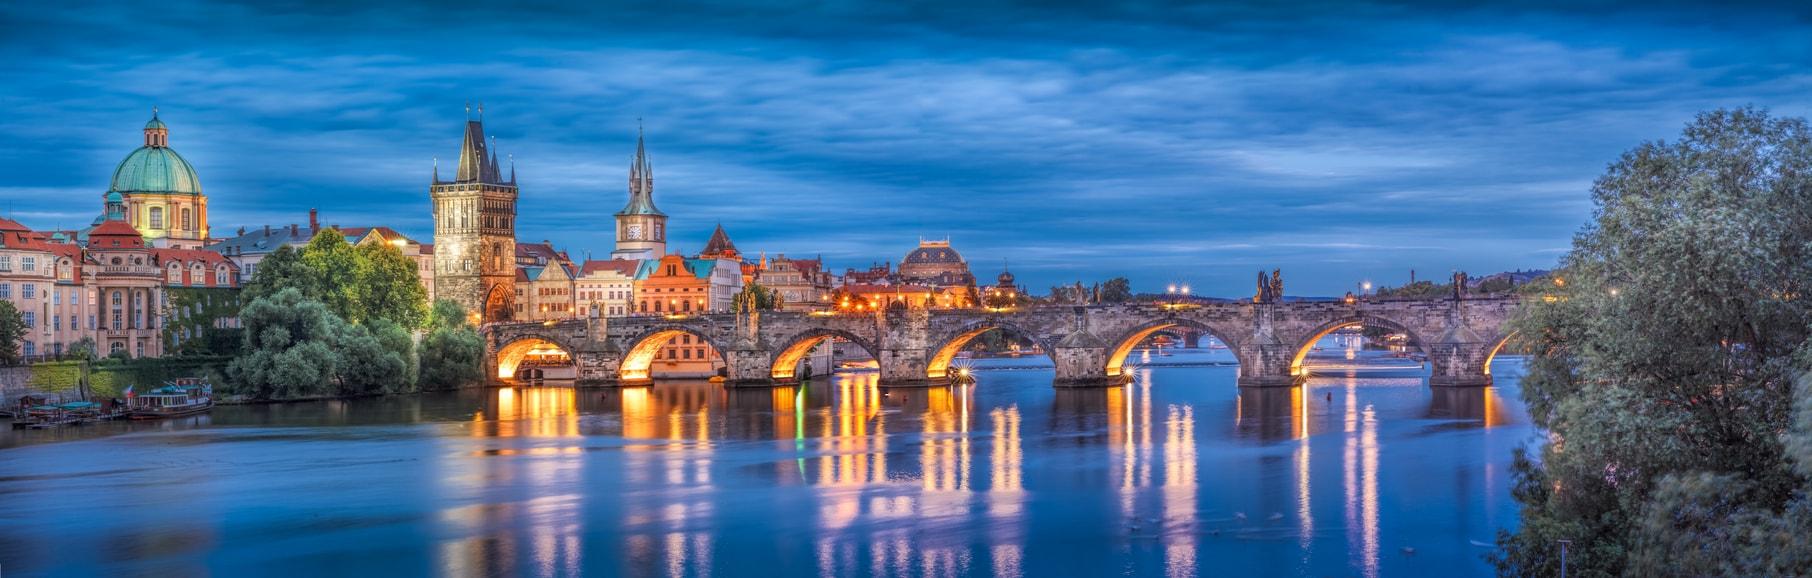 Prag ulaşım charles köprüsü